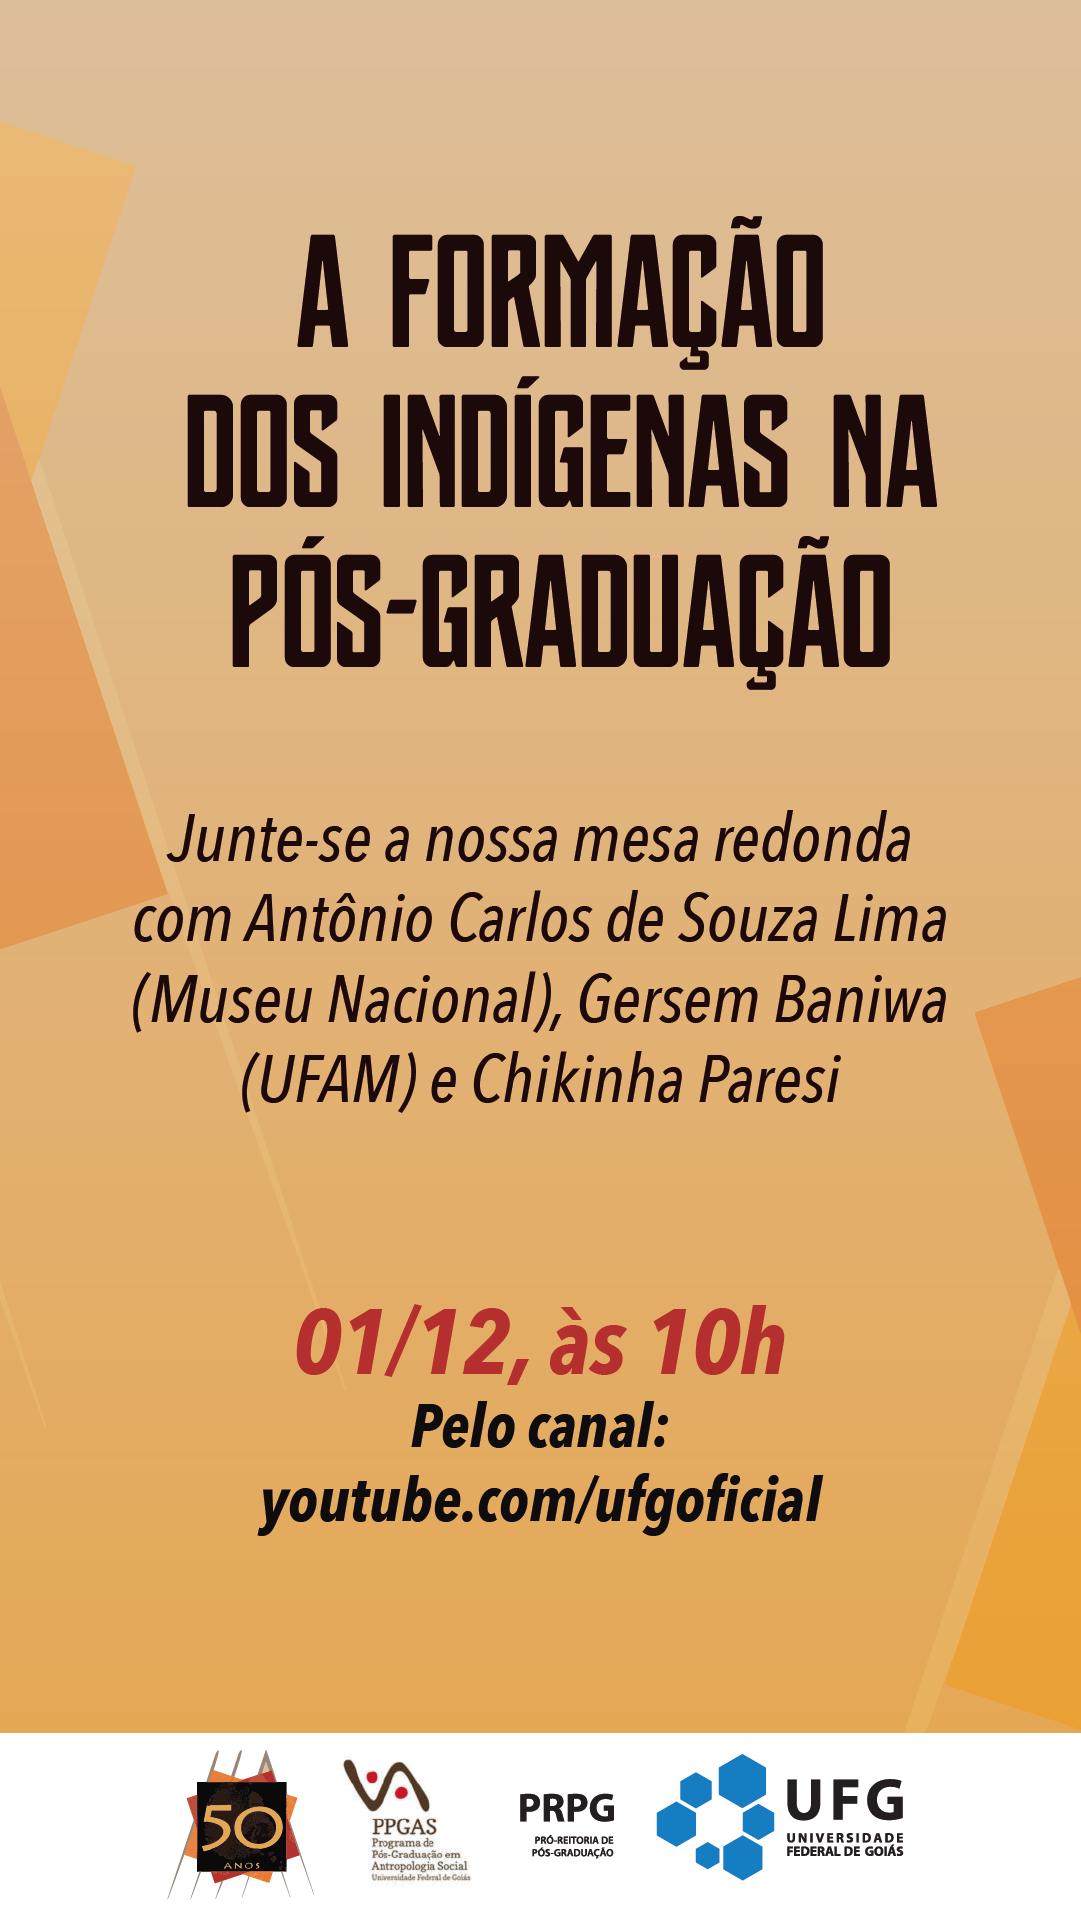 Formação indígenas na pós-graduação